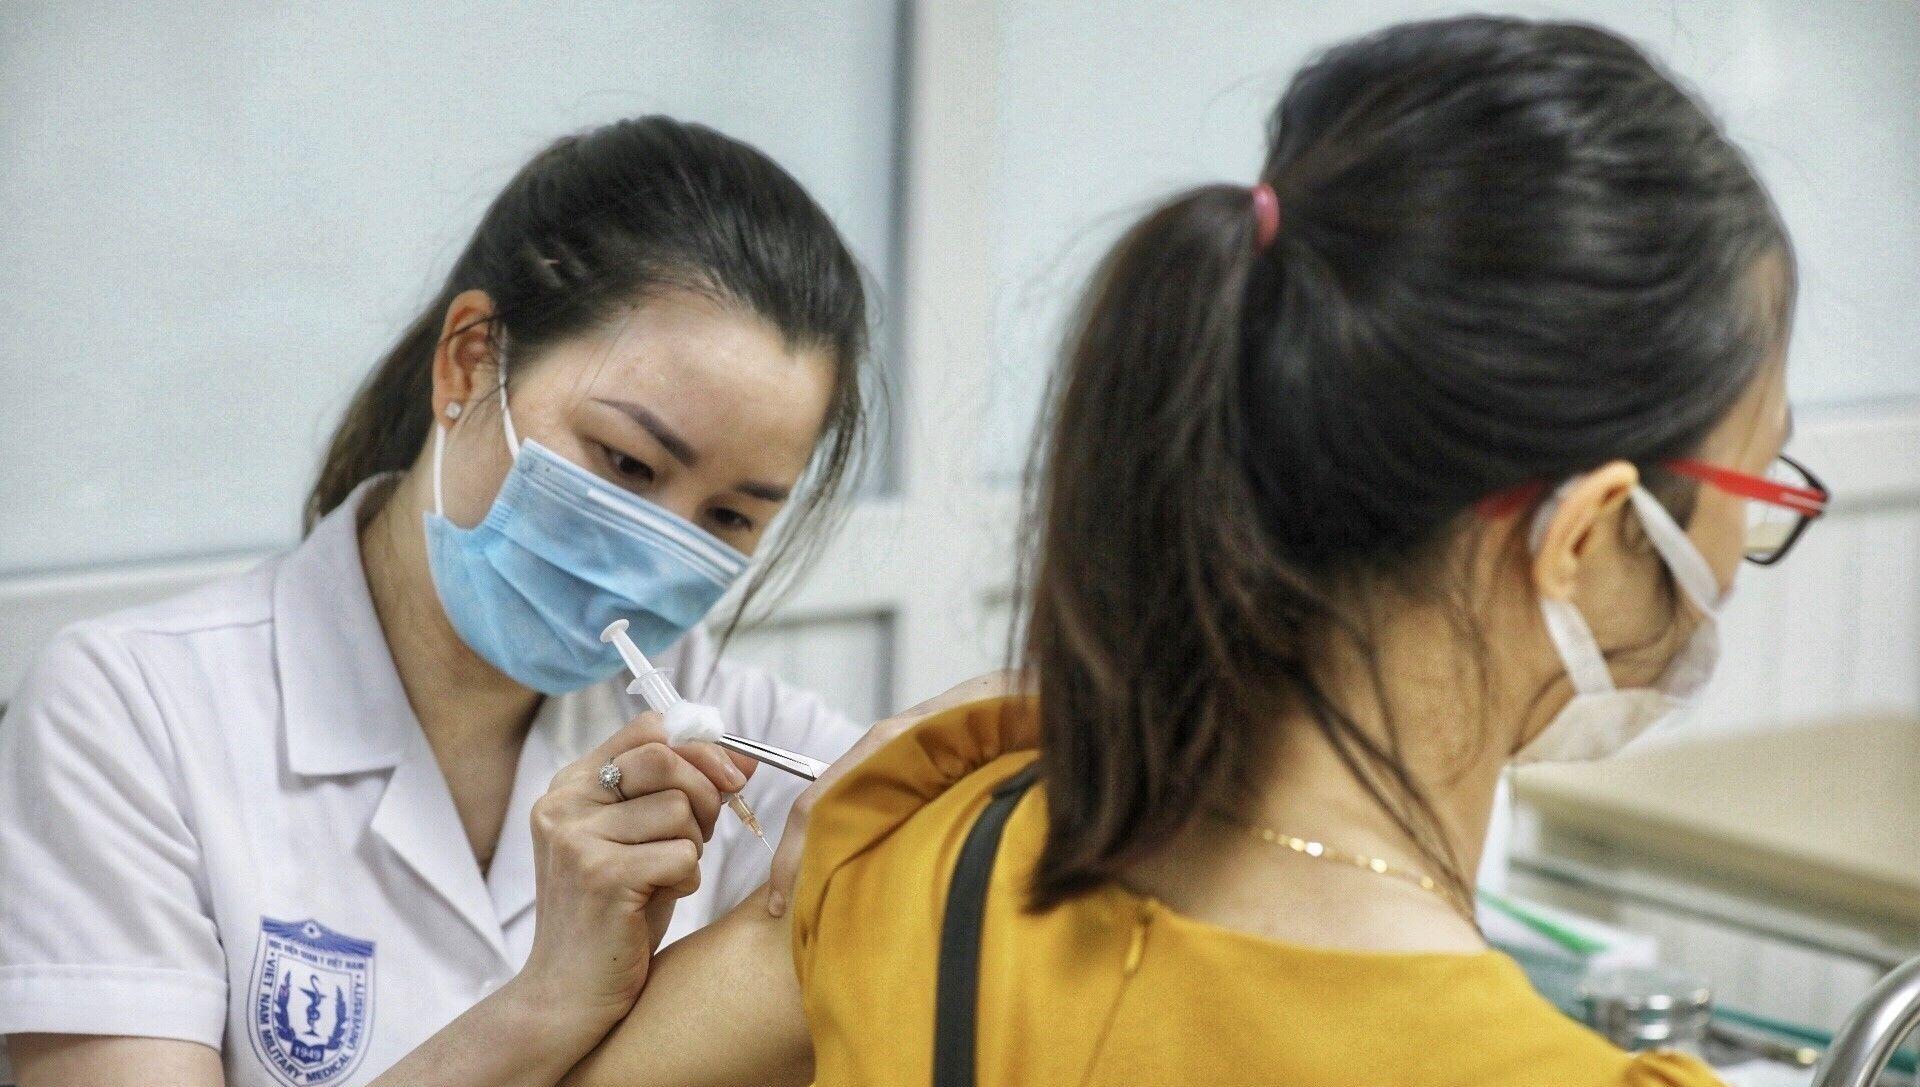 Nhân viên y tế tiêm thử nghiệm vaccine Nano Covax phòng COVID-19 giai đoạn 3. - Sputnik Việt Nam, 1920, 01.09.2021